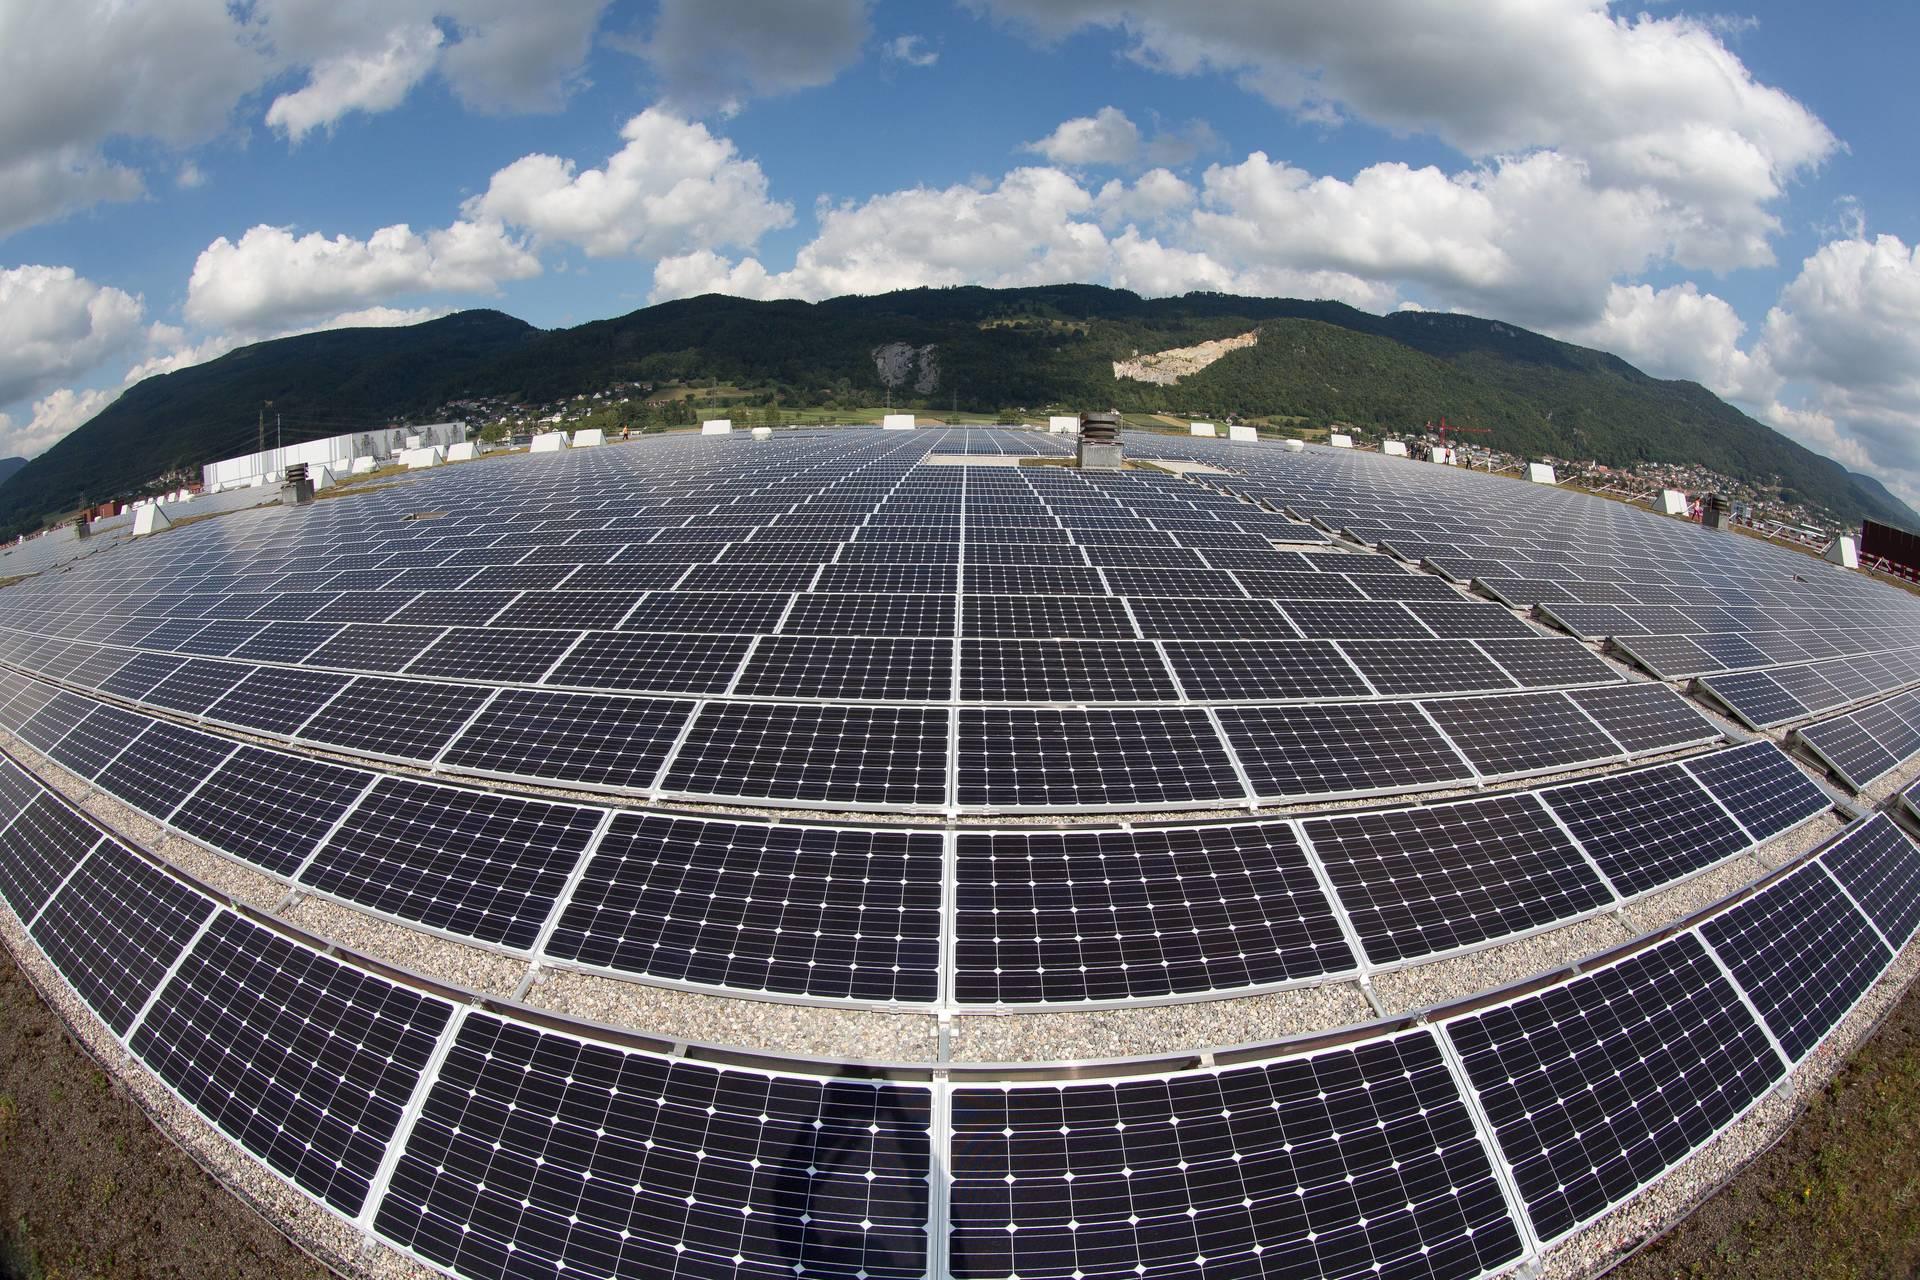 Seit diesem Jahr liegt der Ökostromzuschlag bei 6,88 Euro-Cent je Kilowattstunde, im Jahr 2003 waren es lediglich 0,41 Euro-Cent.